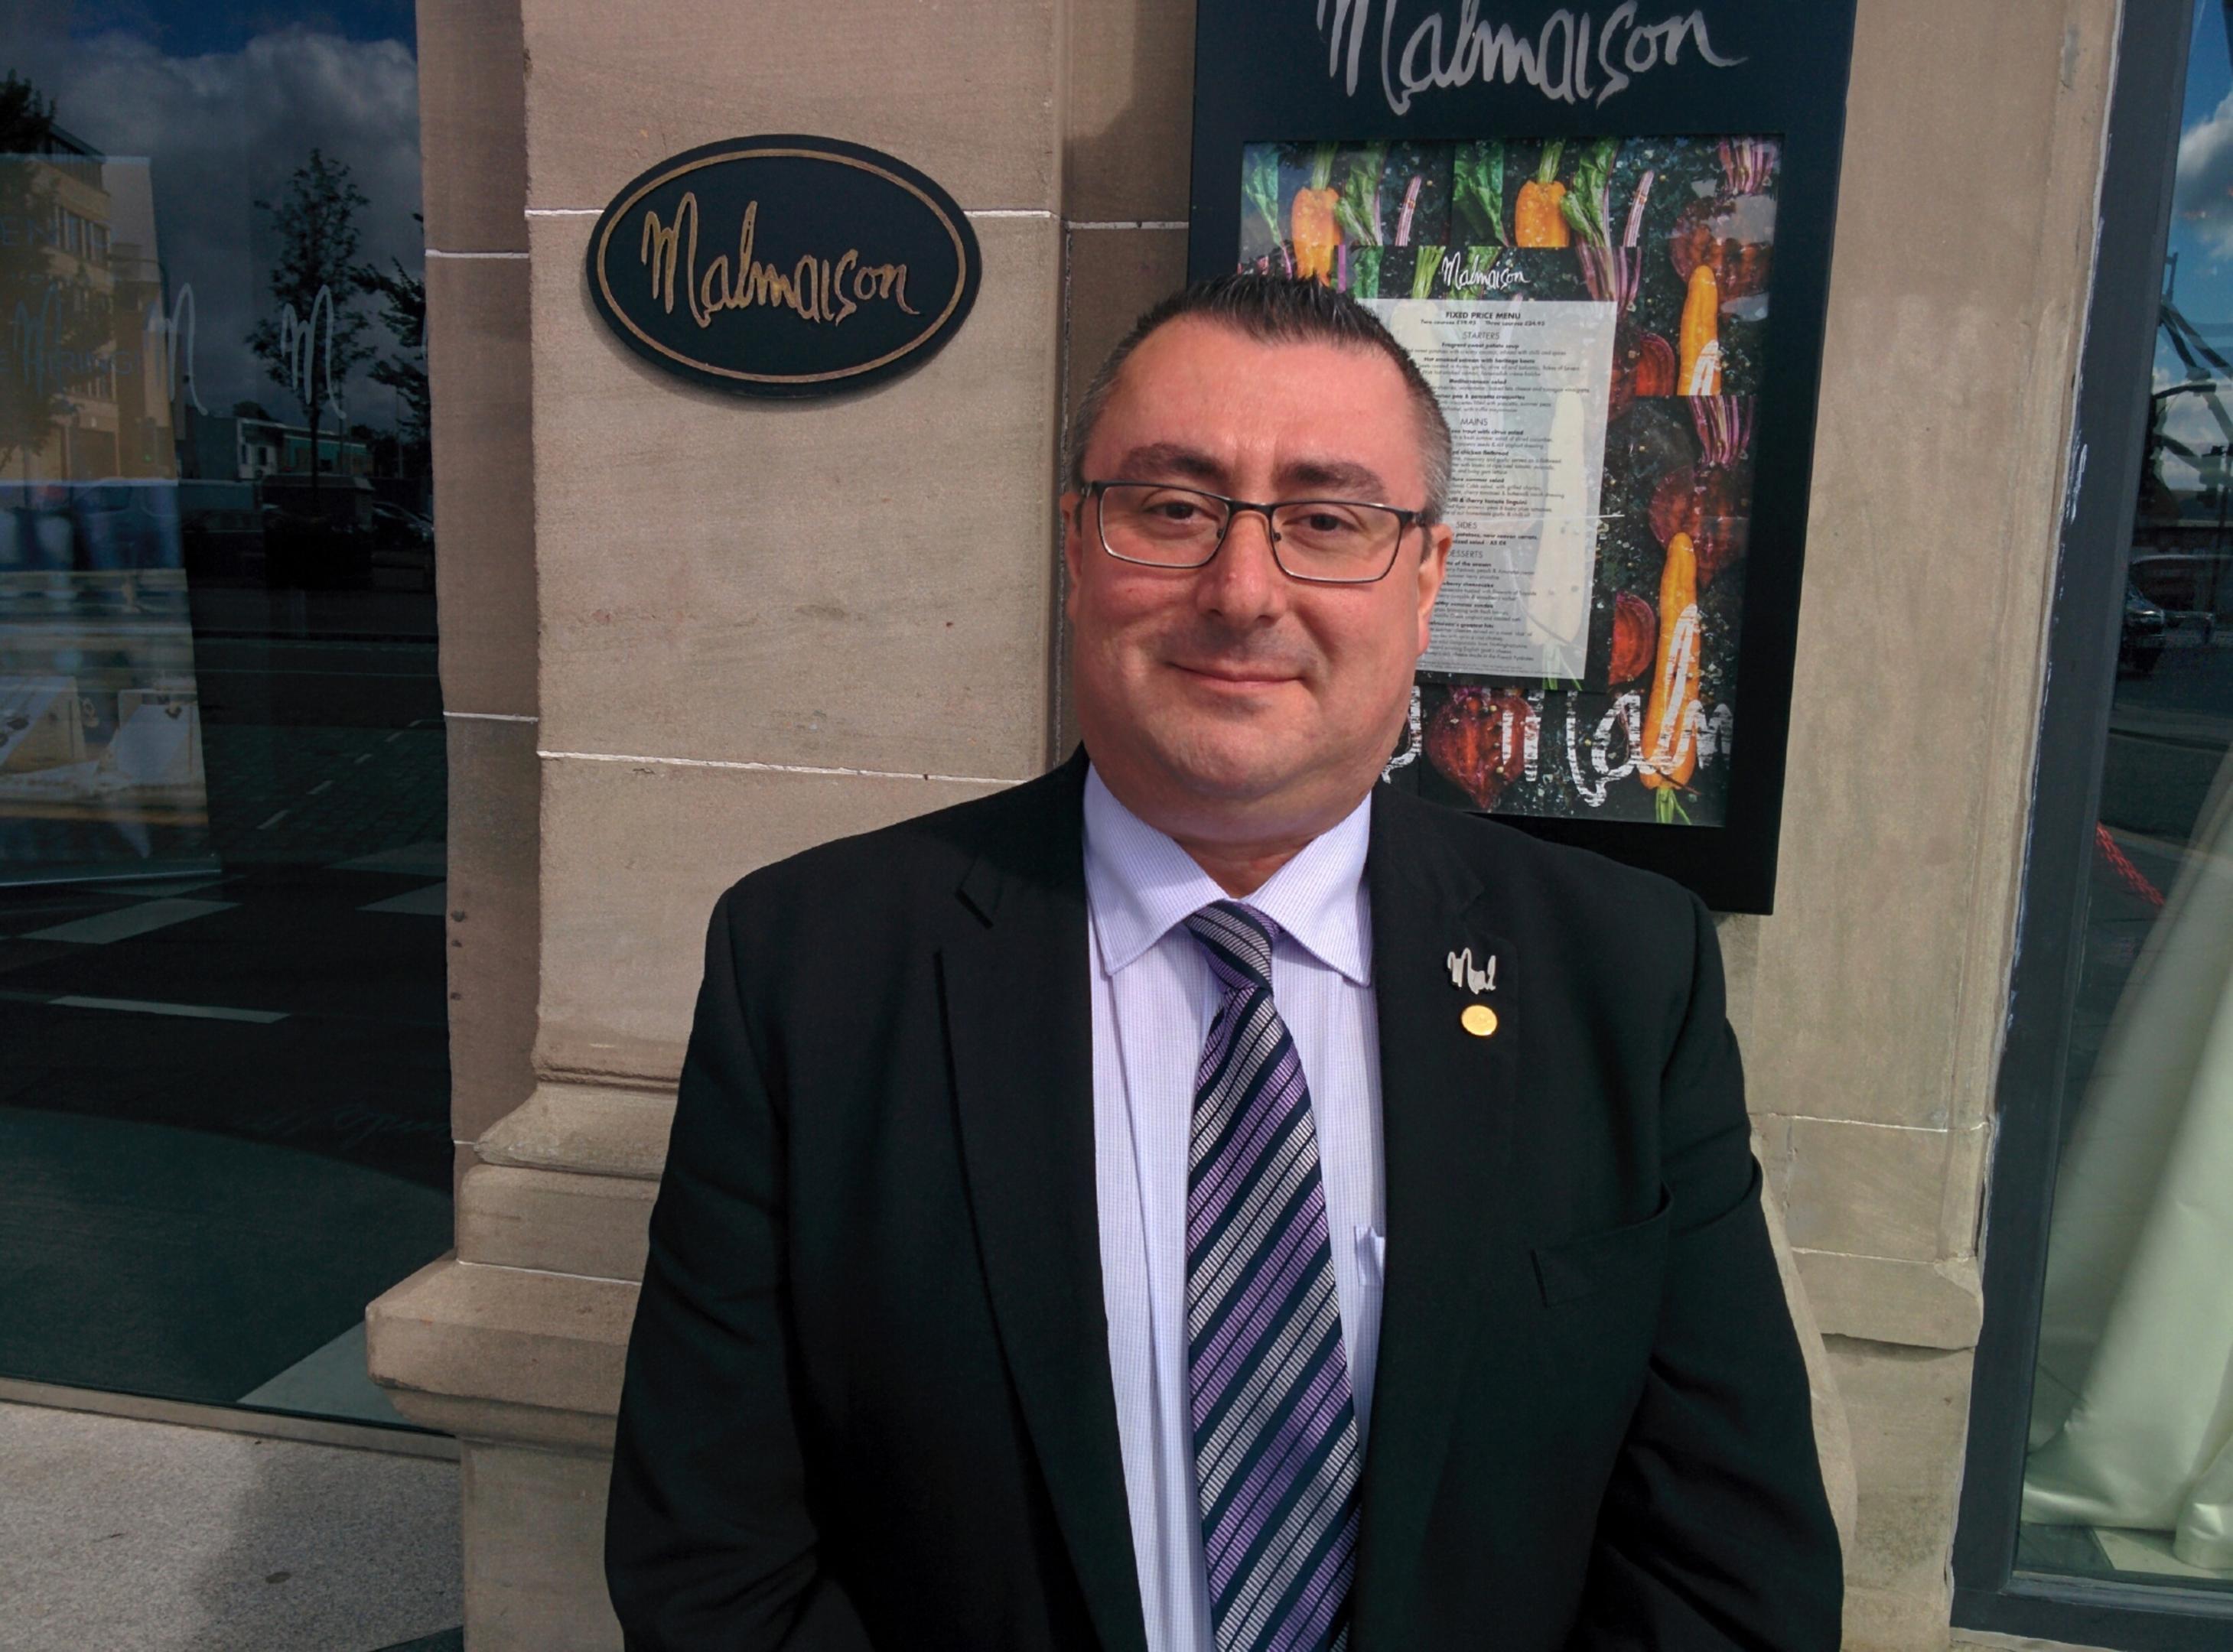 Malmaison Dundee general manager Brett Ingle